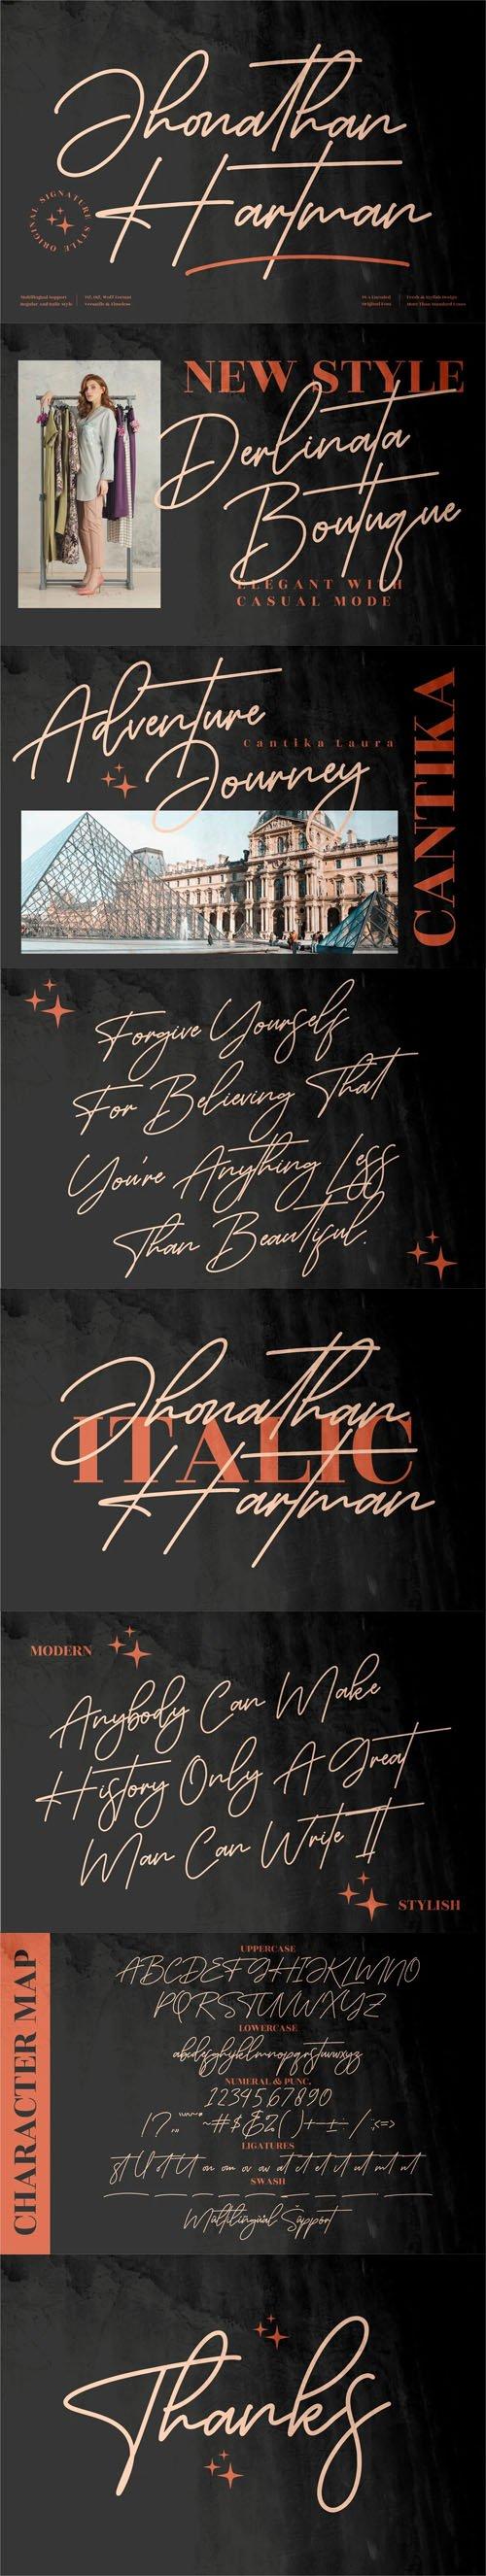 Jhonathan Hartman Script - Refined Signature Font